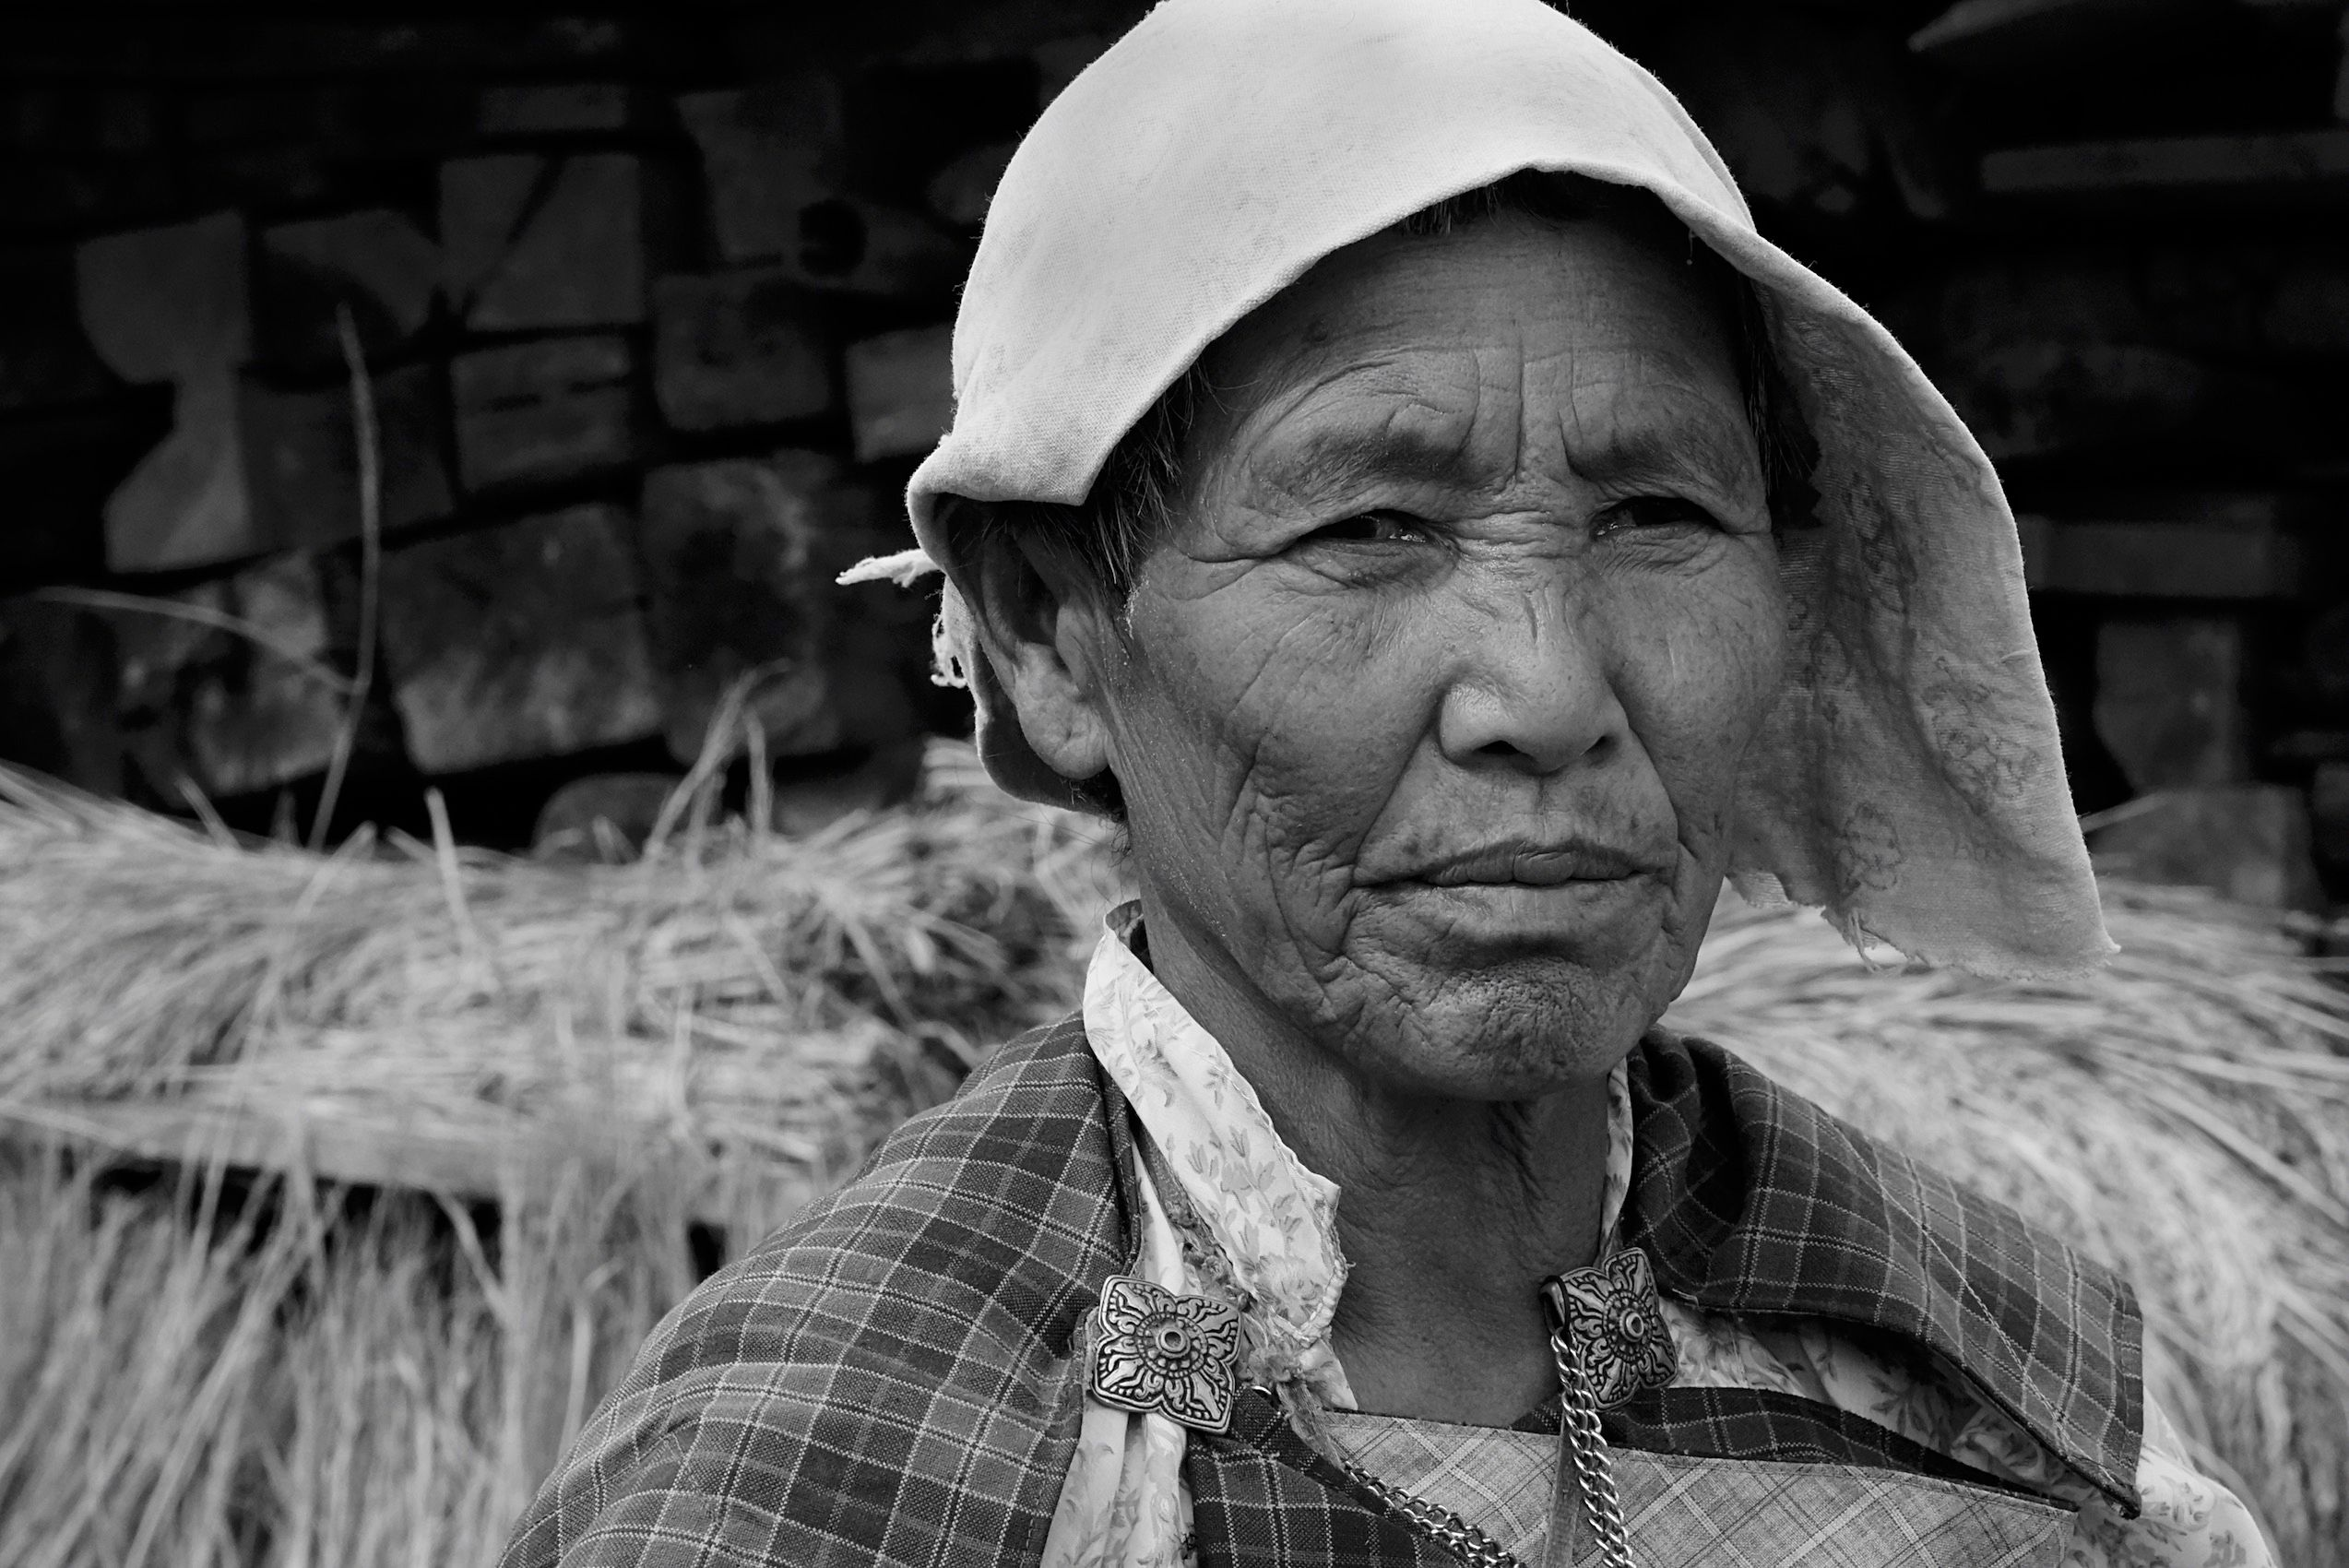 Bhutan woman in the village